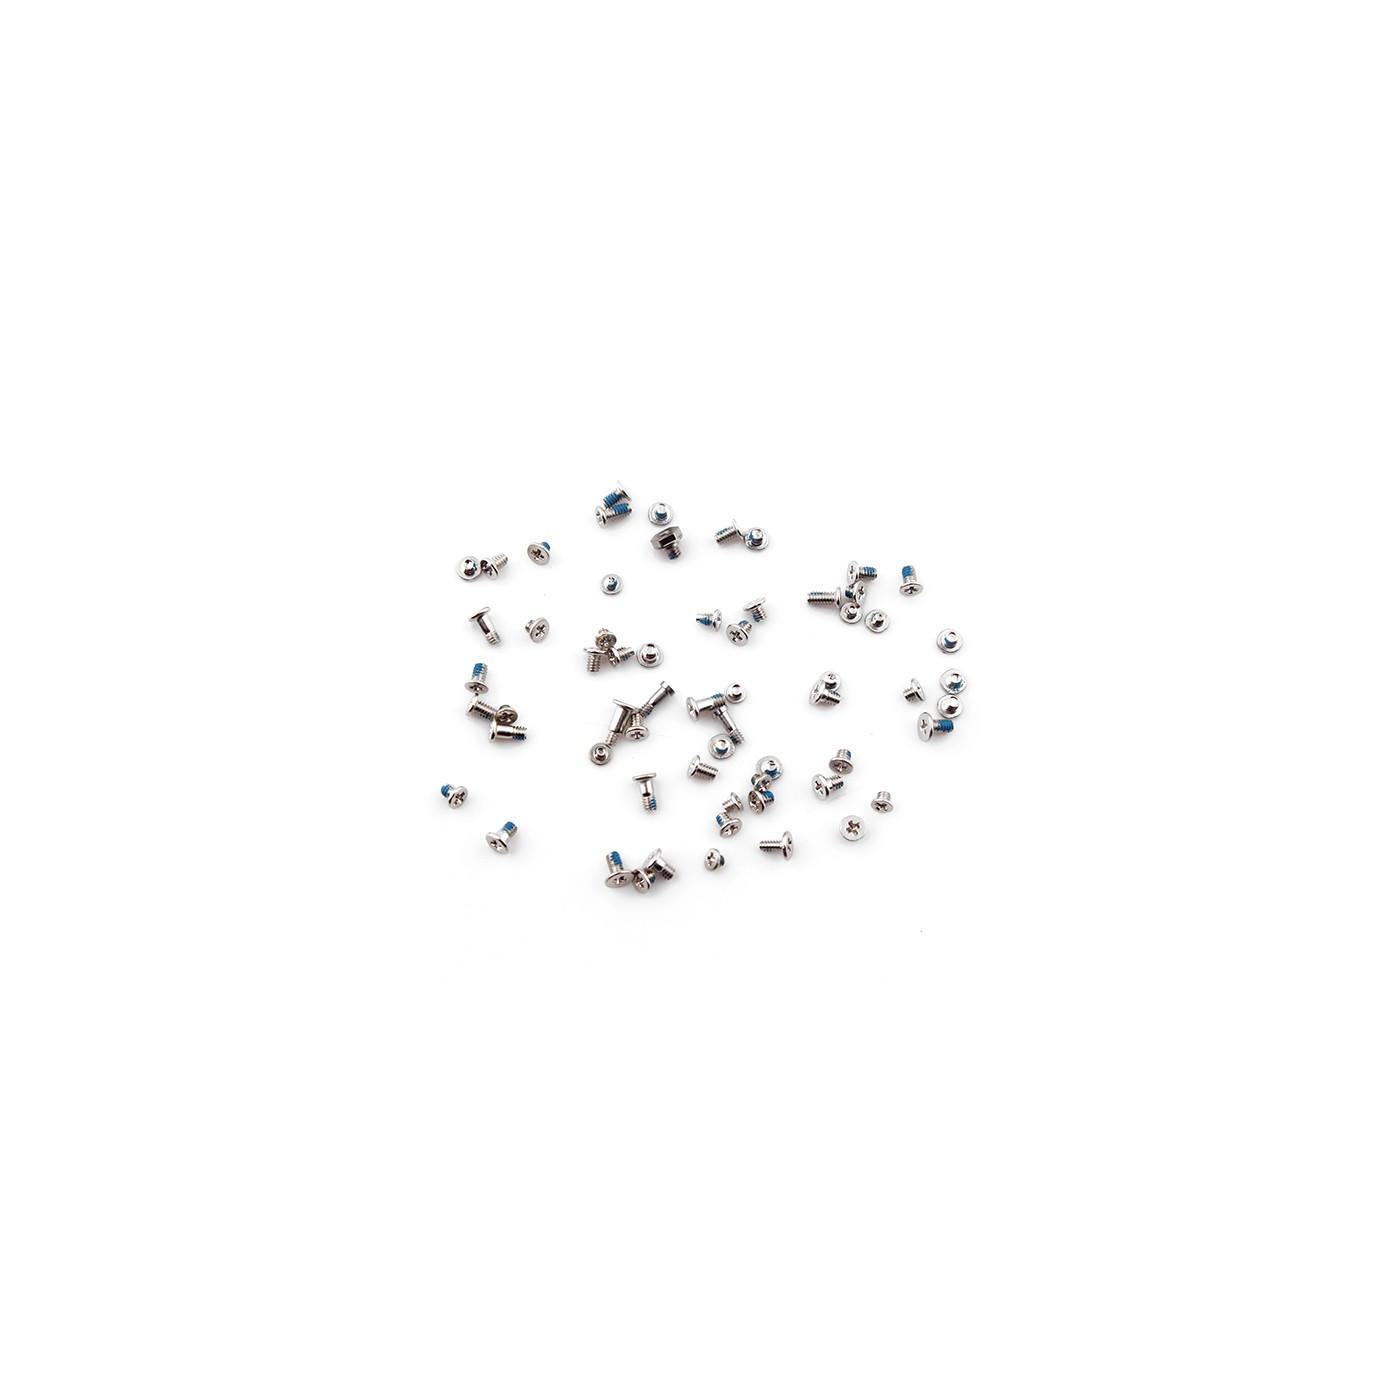 Schraubensatz für iPhone 6S Schraubensatz